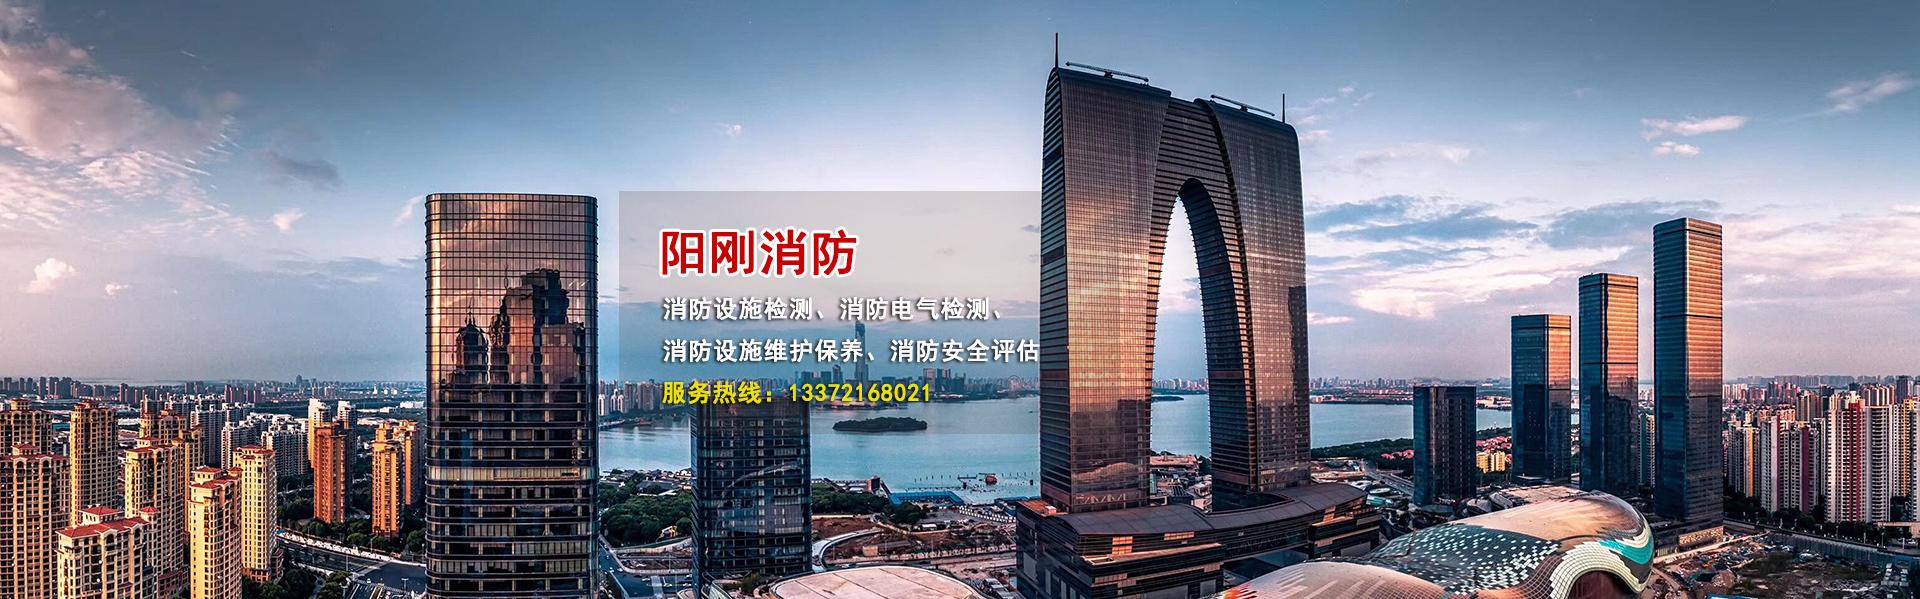 吴江消防检测公司